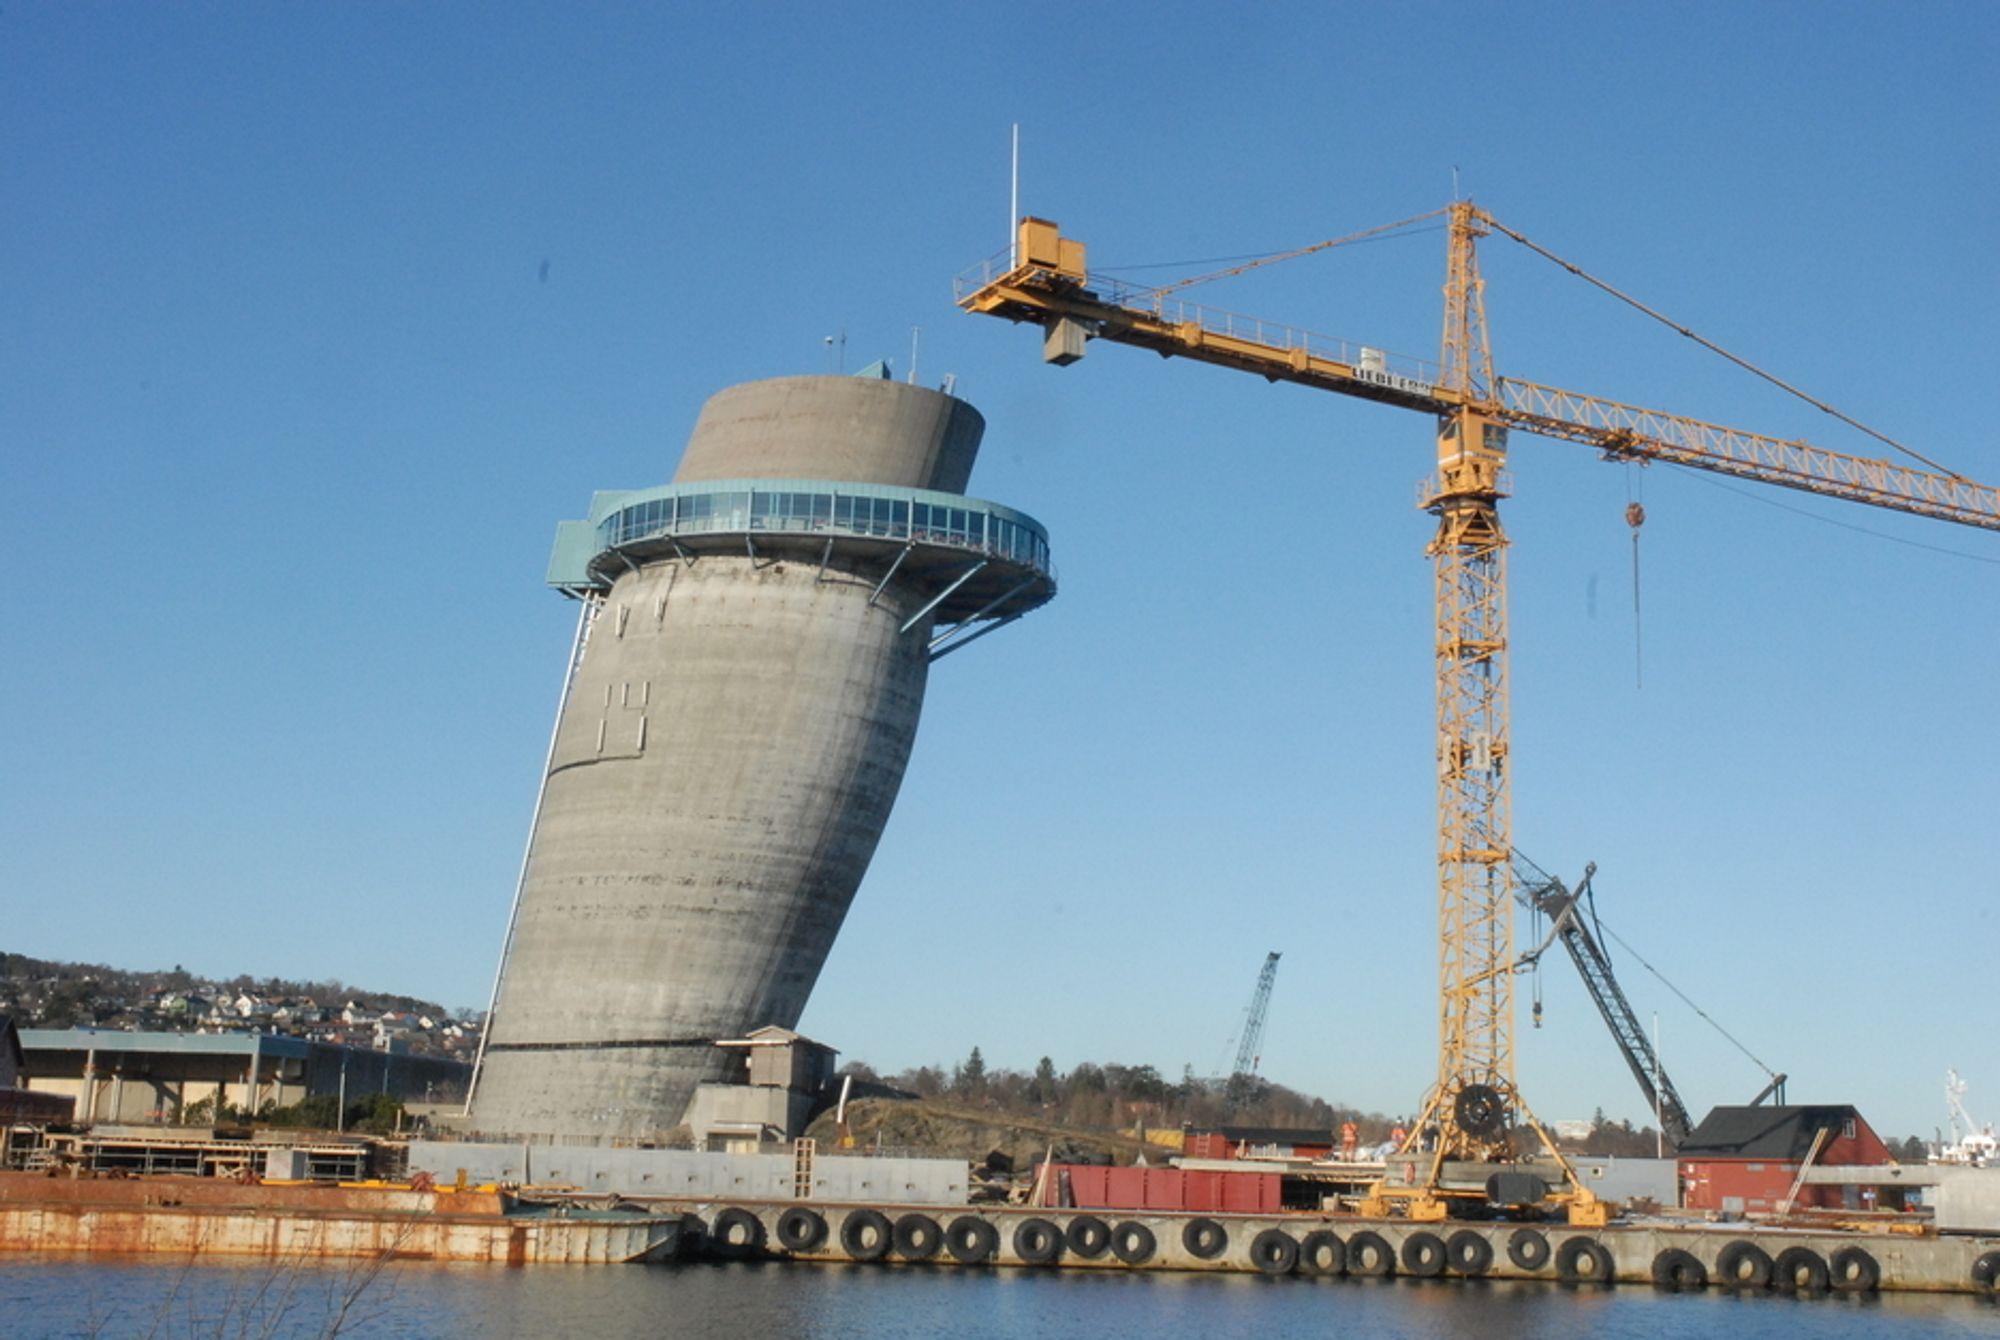 DET SKJEVE TÅRN: Tårnet Jåttavågen er blitt et populært sted for konferanser - og nå også for gudstjenester. Foto: Sander Y. Bull-Gjertsen